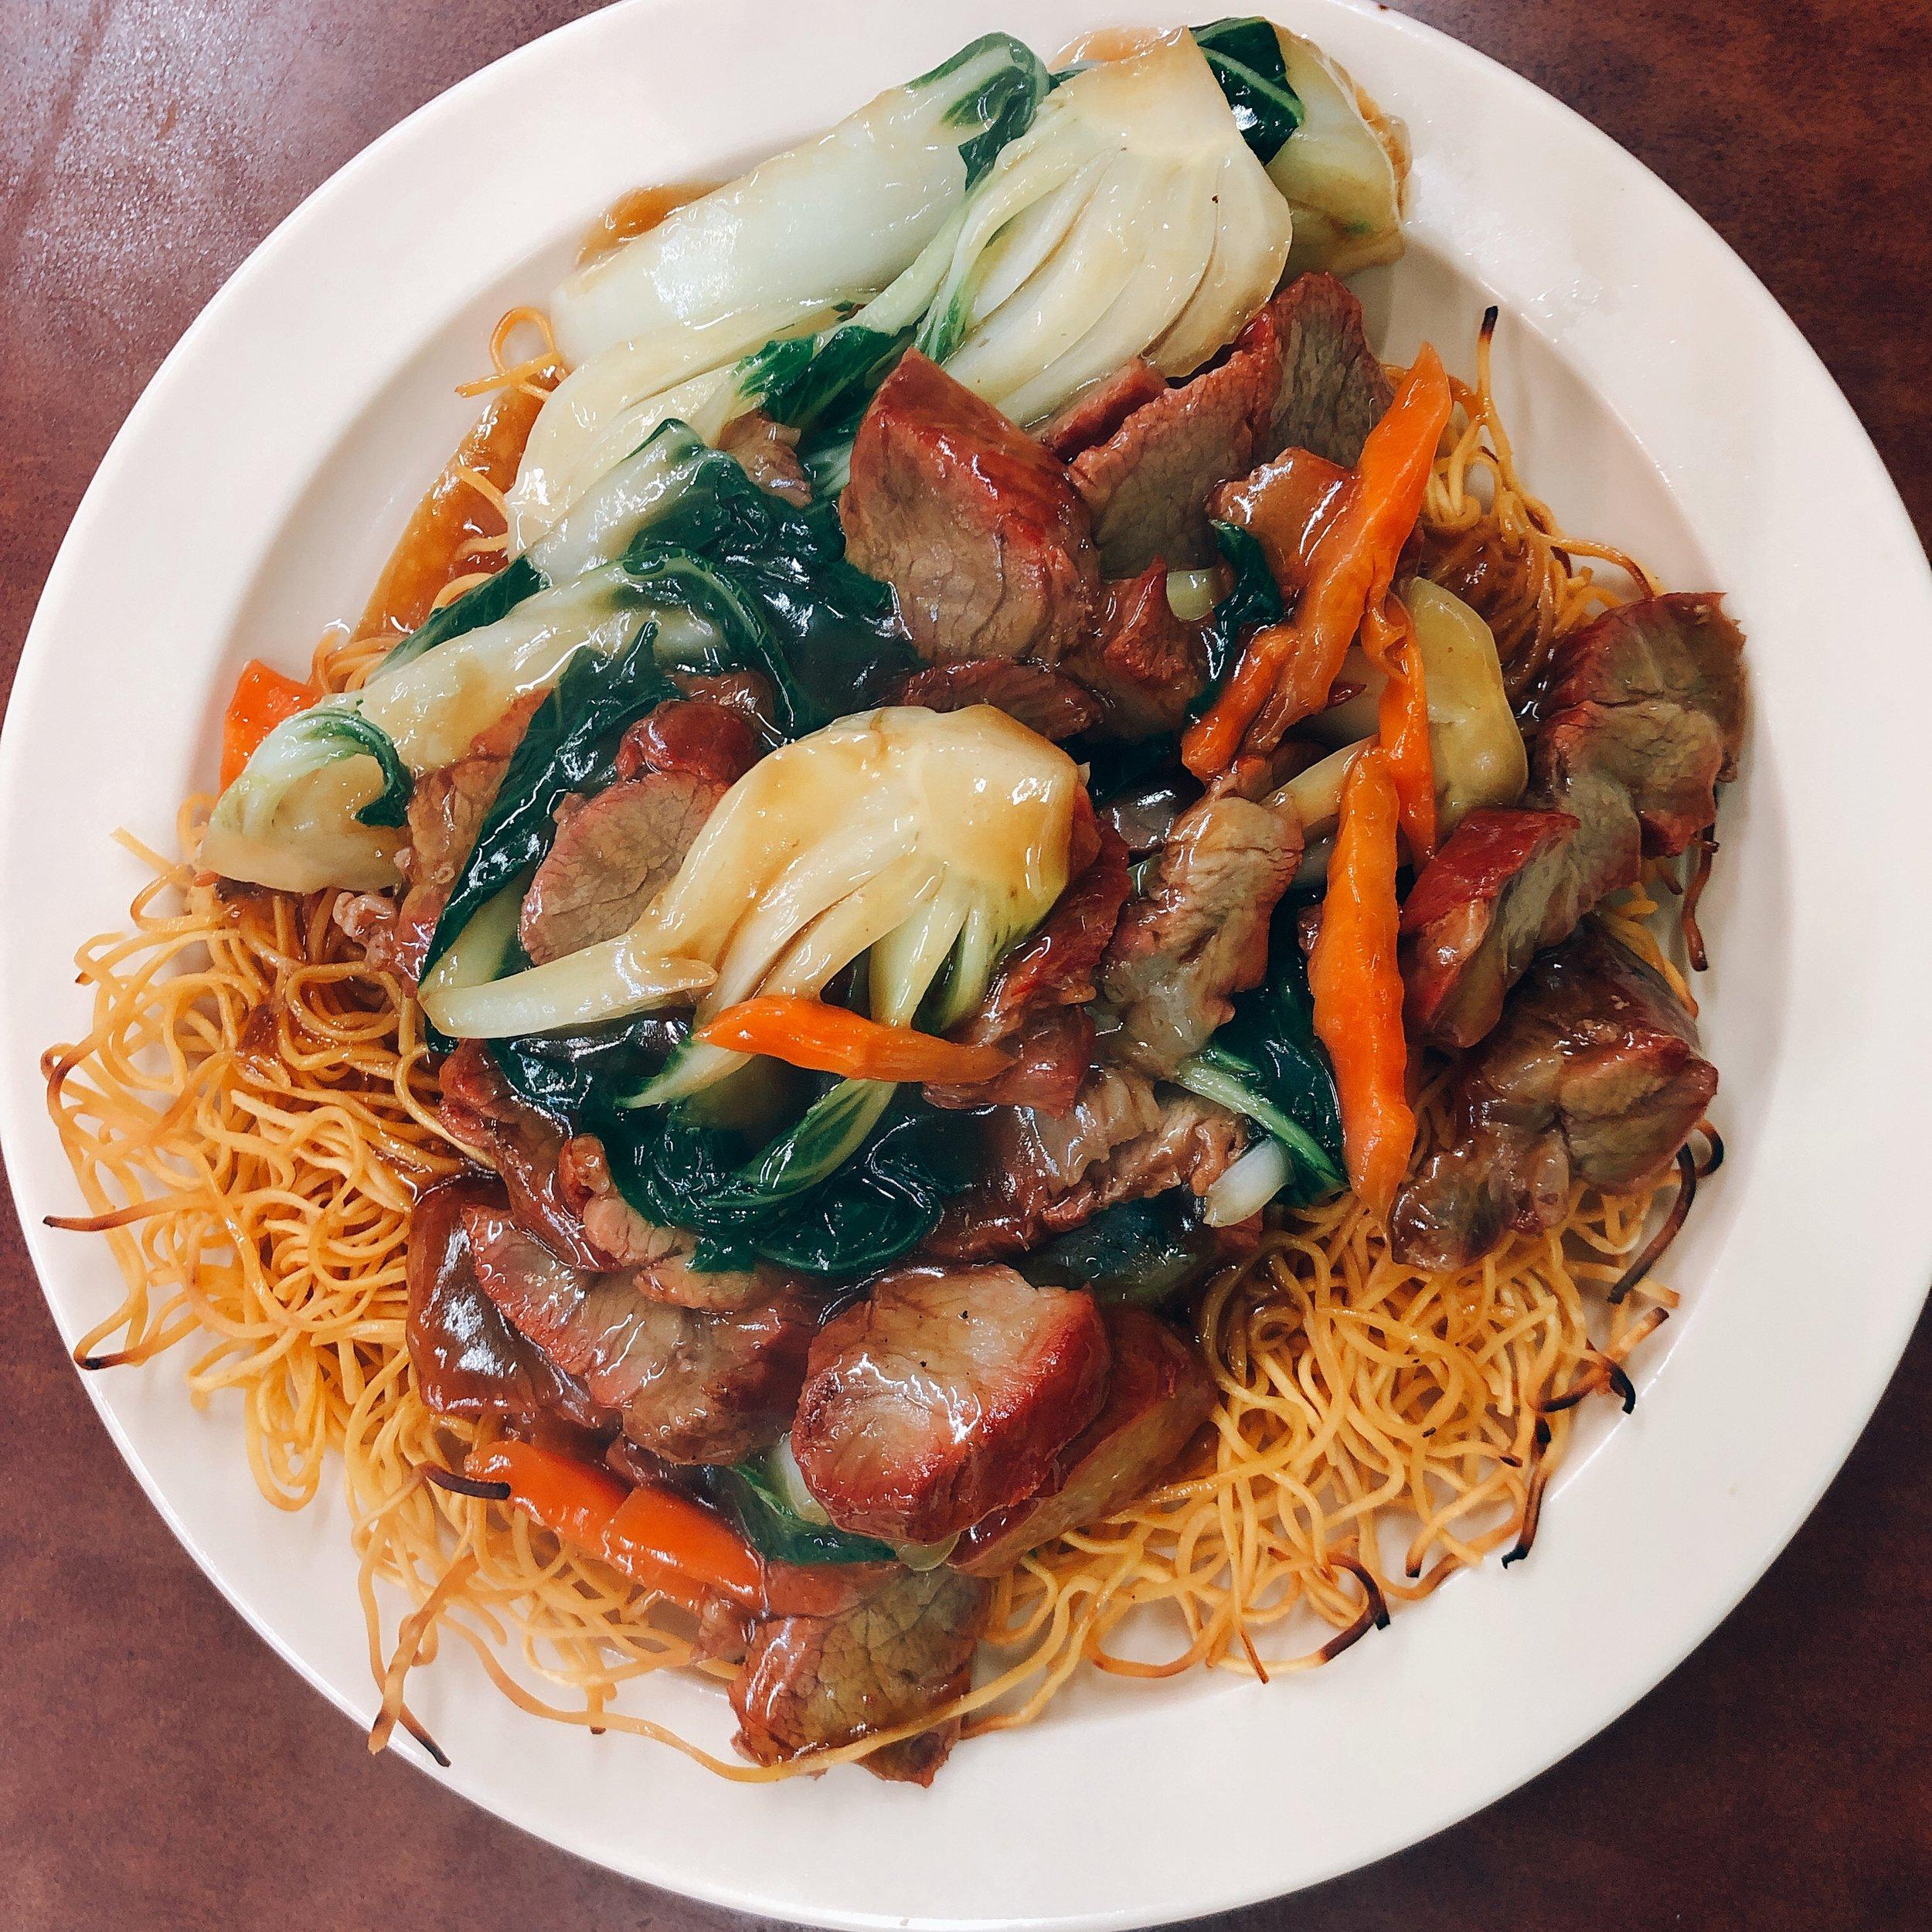 Roast Pork Fried Noodles - Yuet Lee